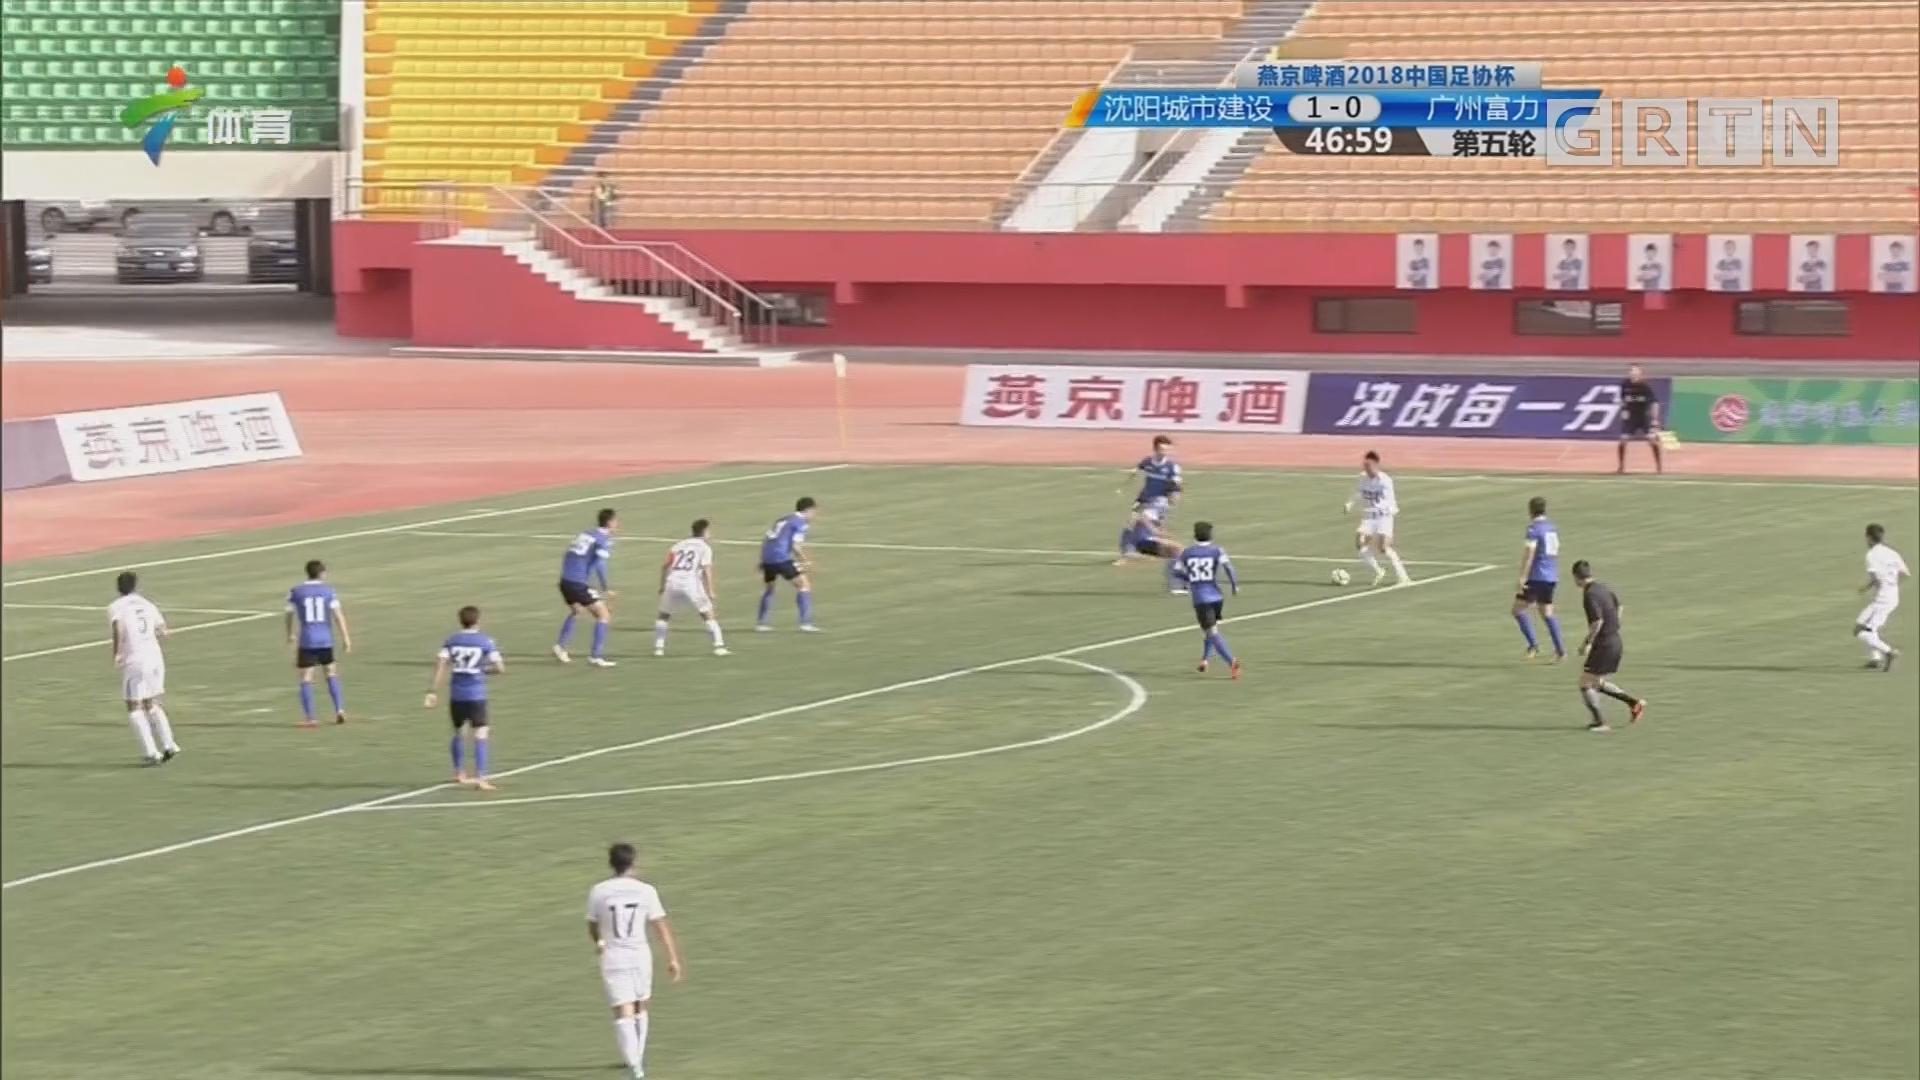 广州富力晋级中国足协杯八强